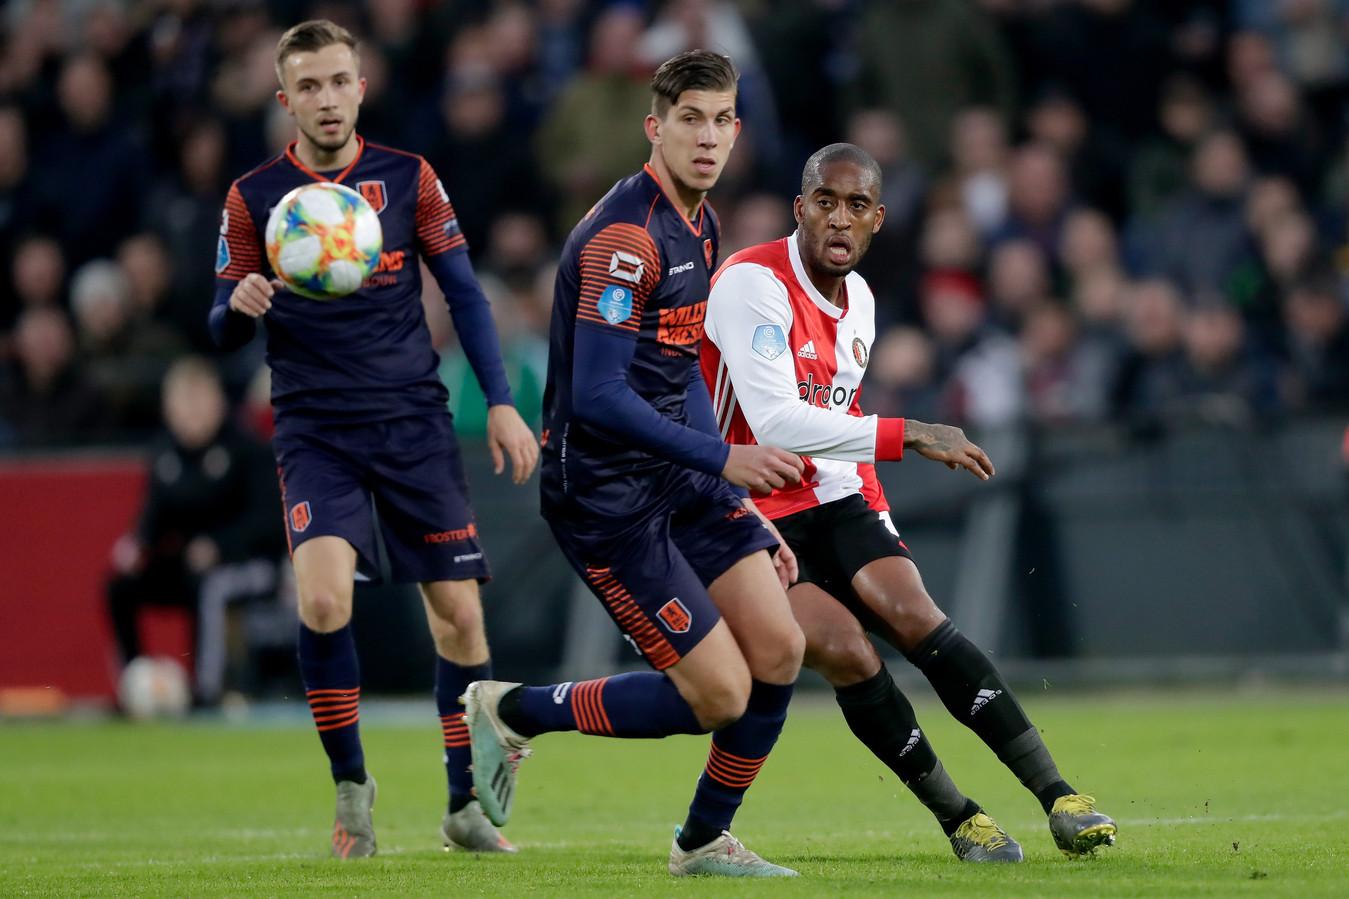 RKC-middenvelder Stijn Spierings (midden) in actie tijdens het duel met Feyenoord (3-2 nederlaag). Leroy Fer (rechts) en Dylan Vente kijken toe.